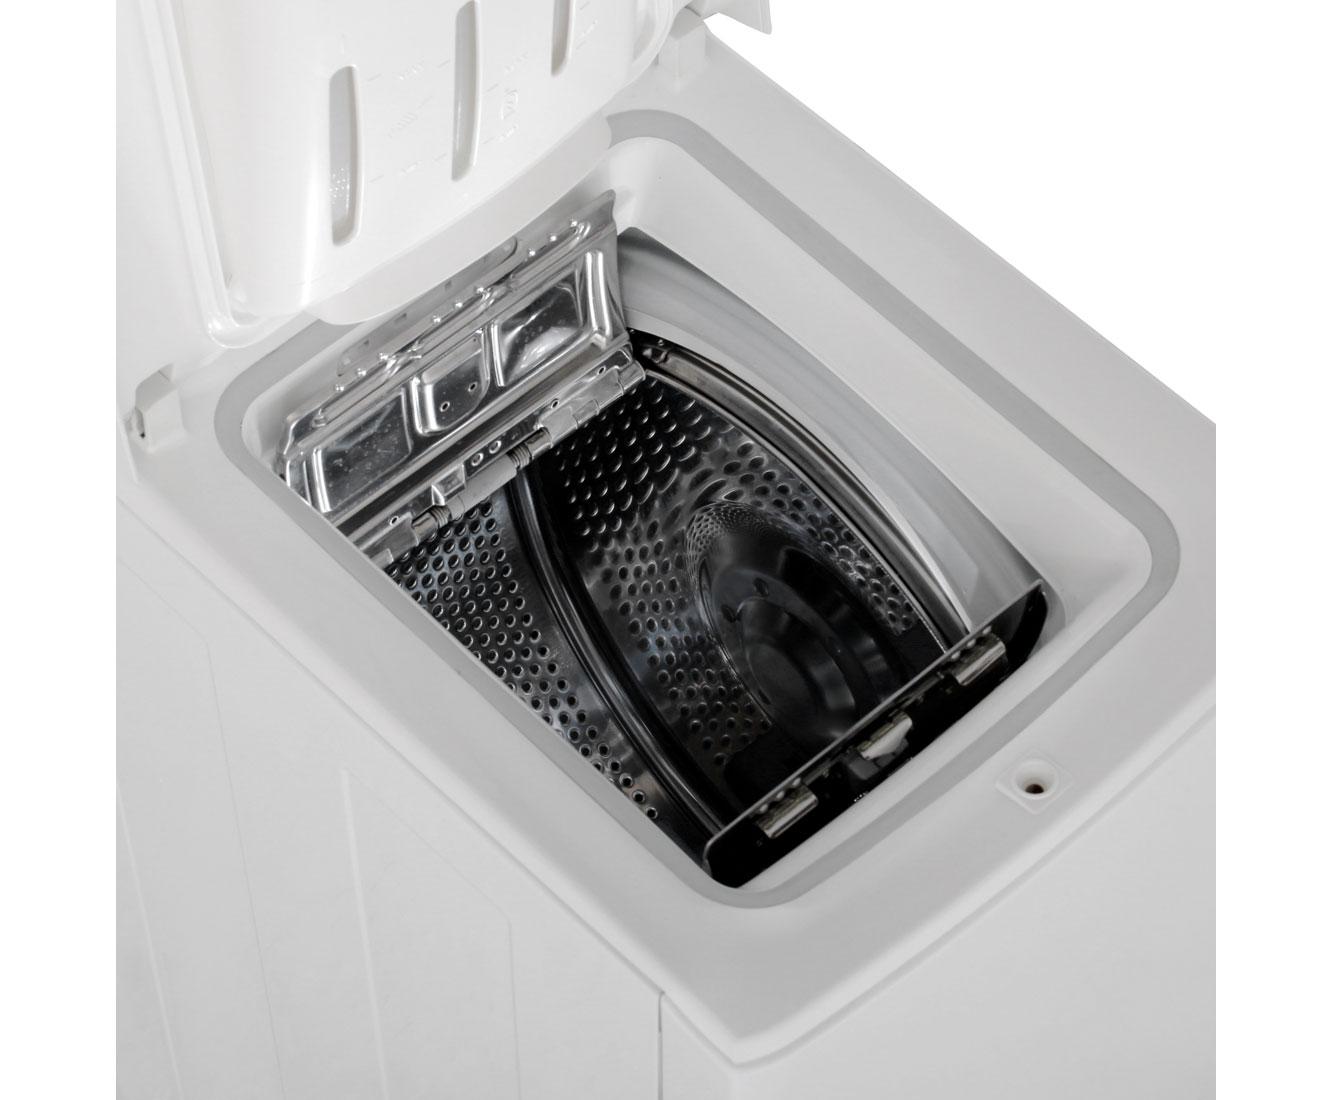 Exquisit lto waschmaschine toplader kg u min a